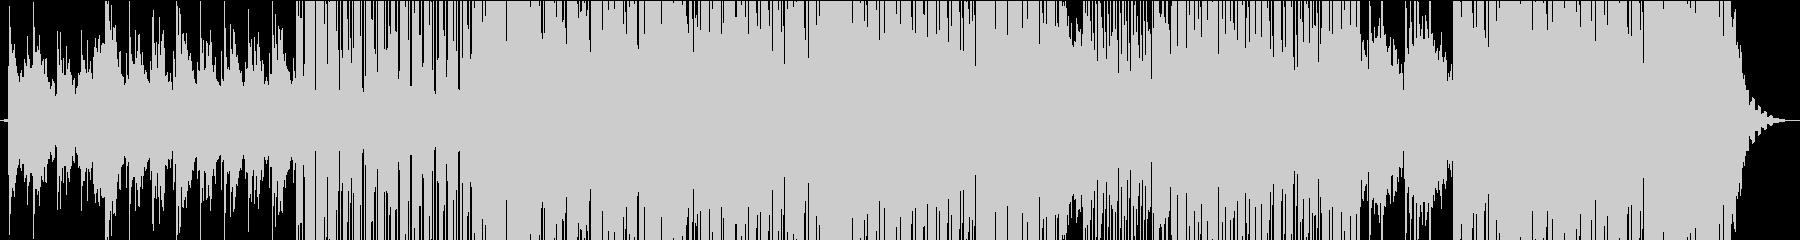 琴のメロディがエスニックな楽曲/メロ無しの未再生の波形